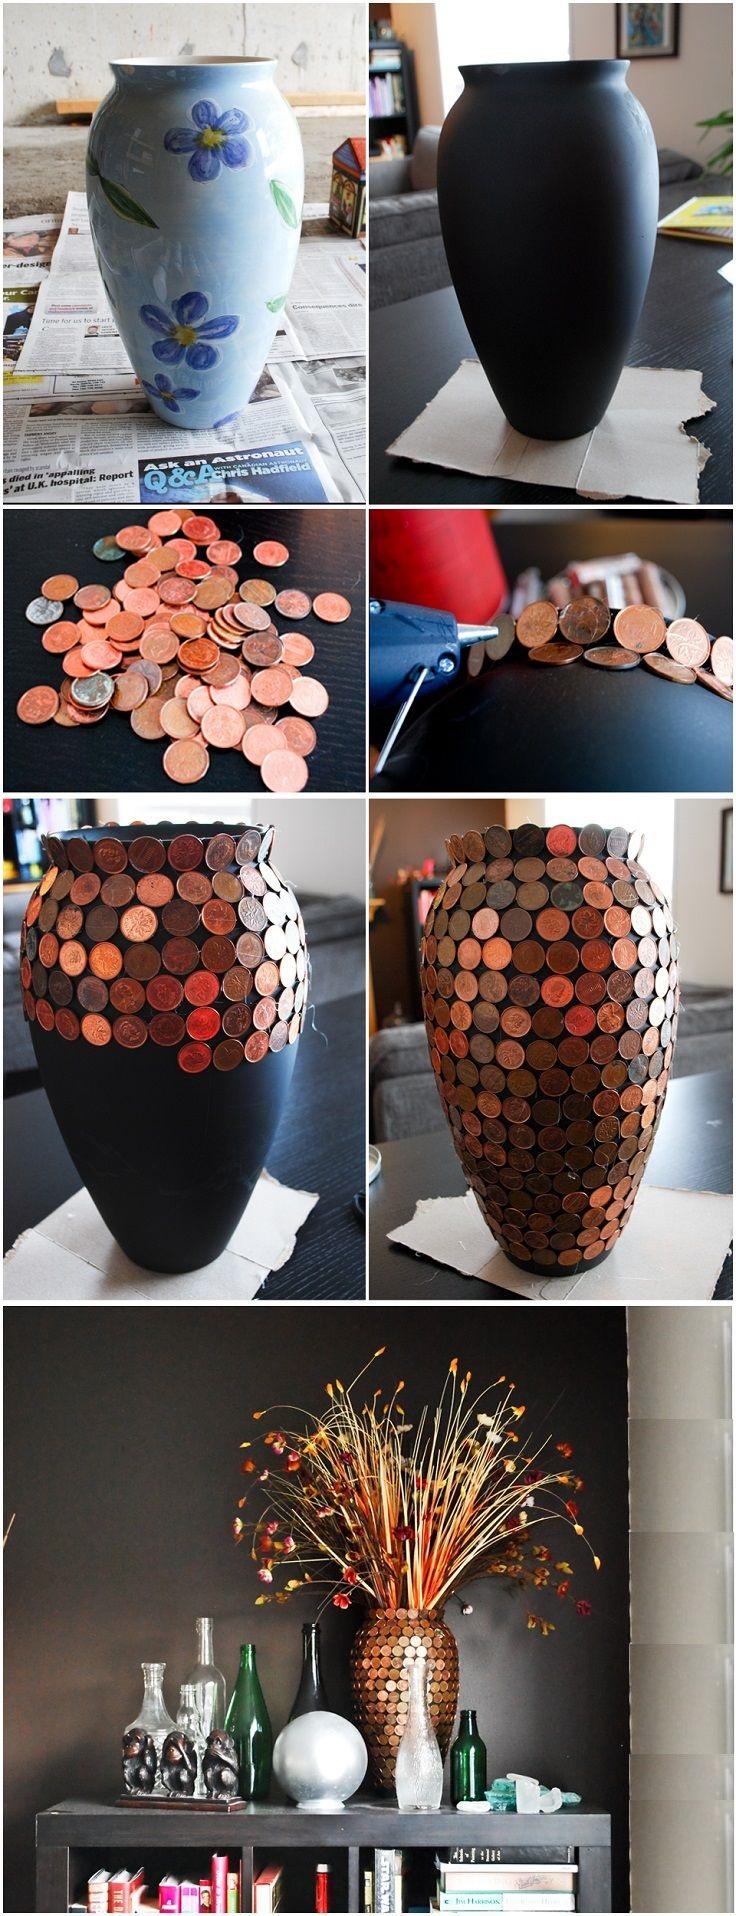 Как выглядят рукодельные подарки, интересные вашим близким: обычная ваза, украшенная монетами